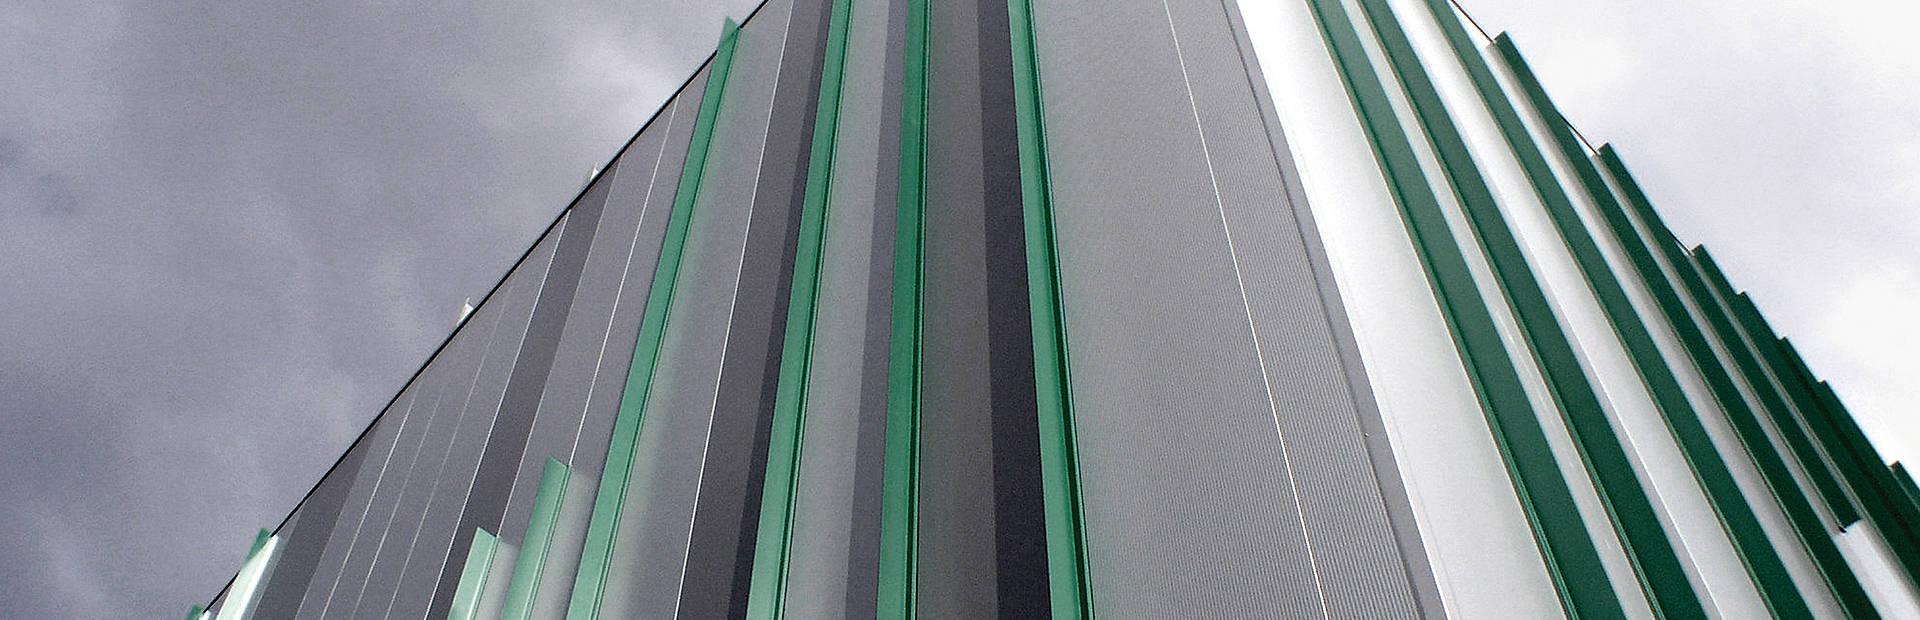 Trimoterm façade accessories